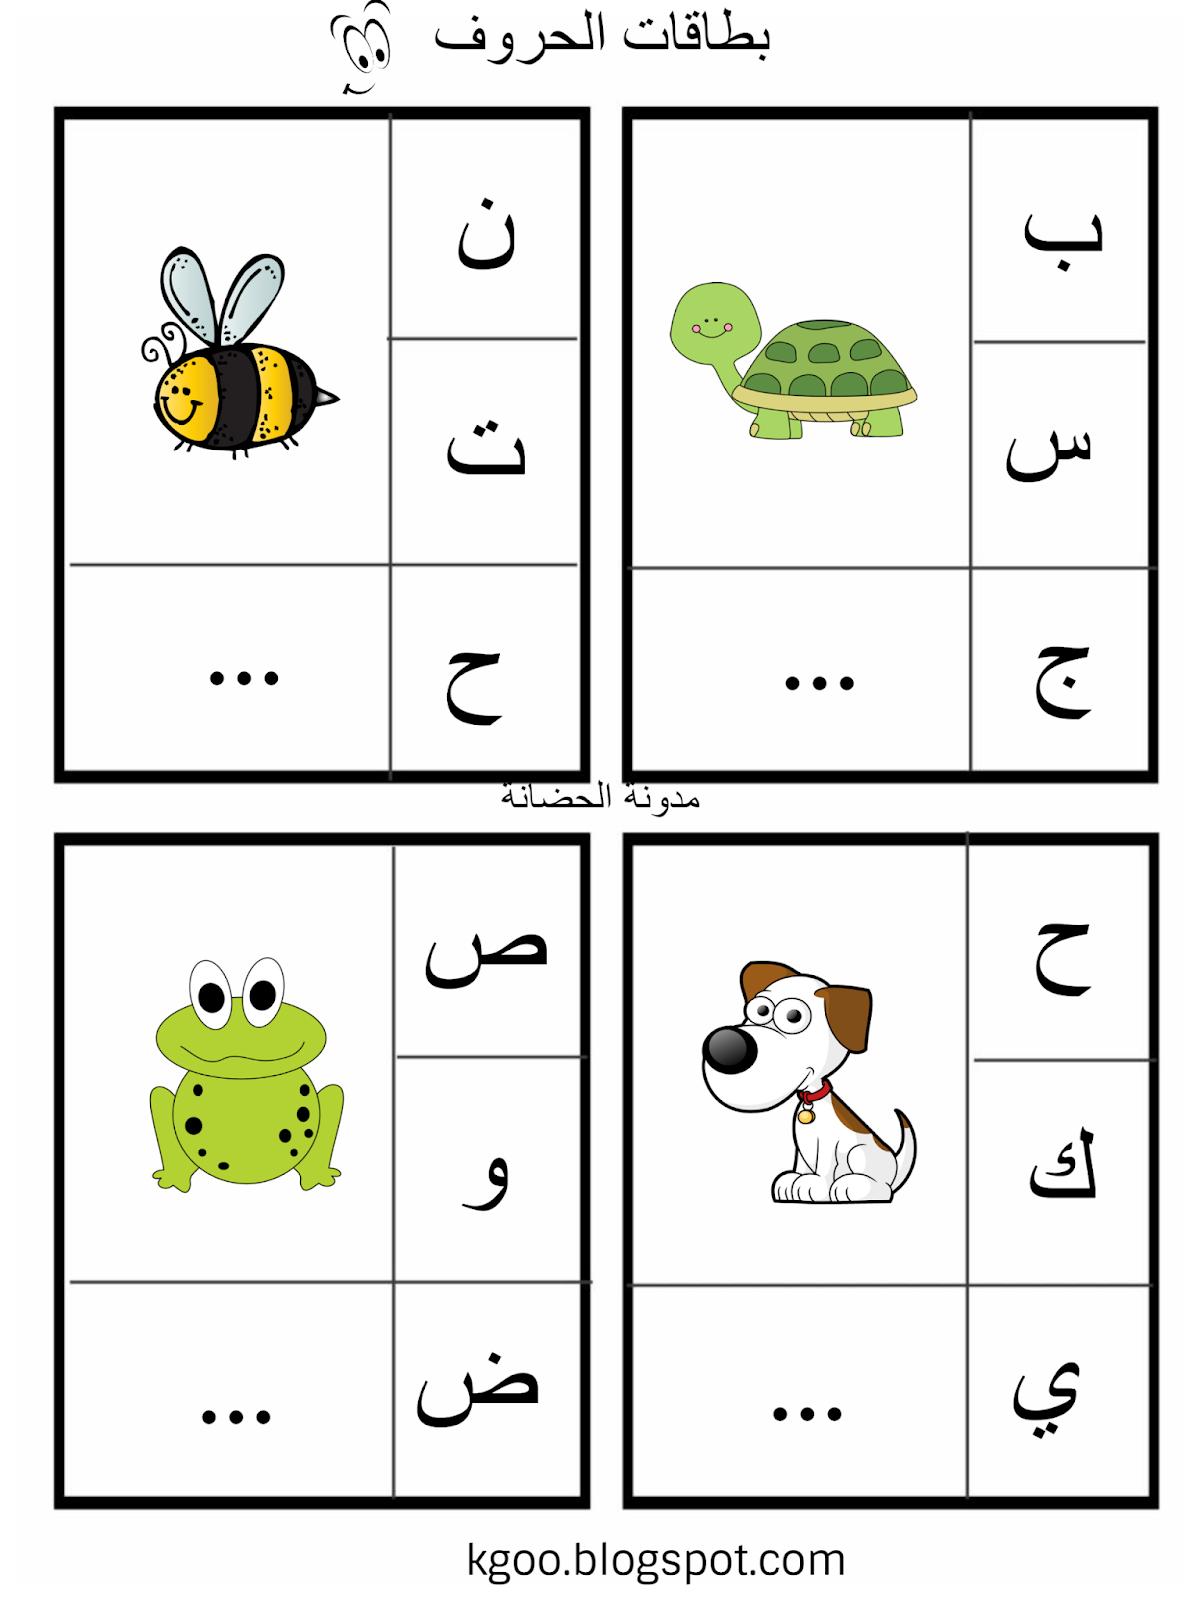 اوراق عمل لرياض الاطفال حروف الهجاء Pdf المستوى الأول